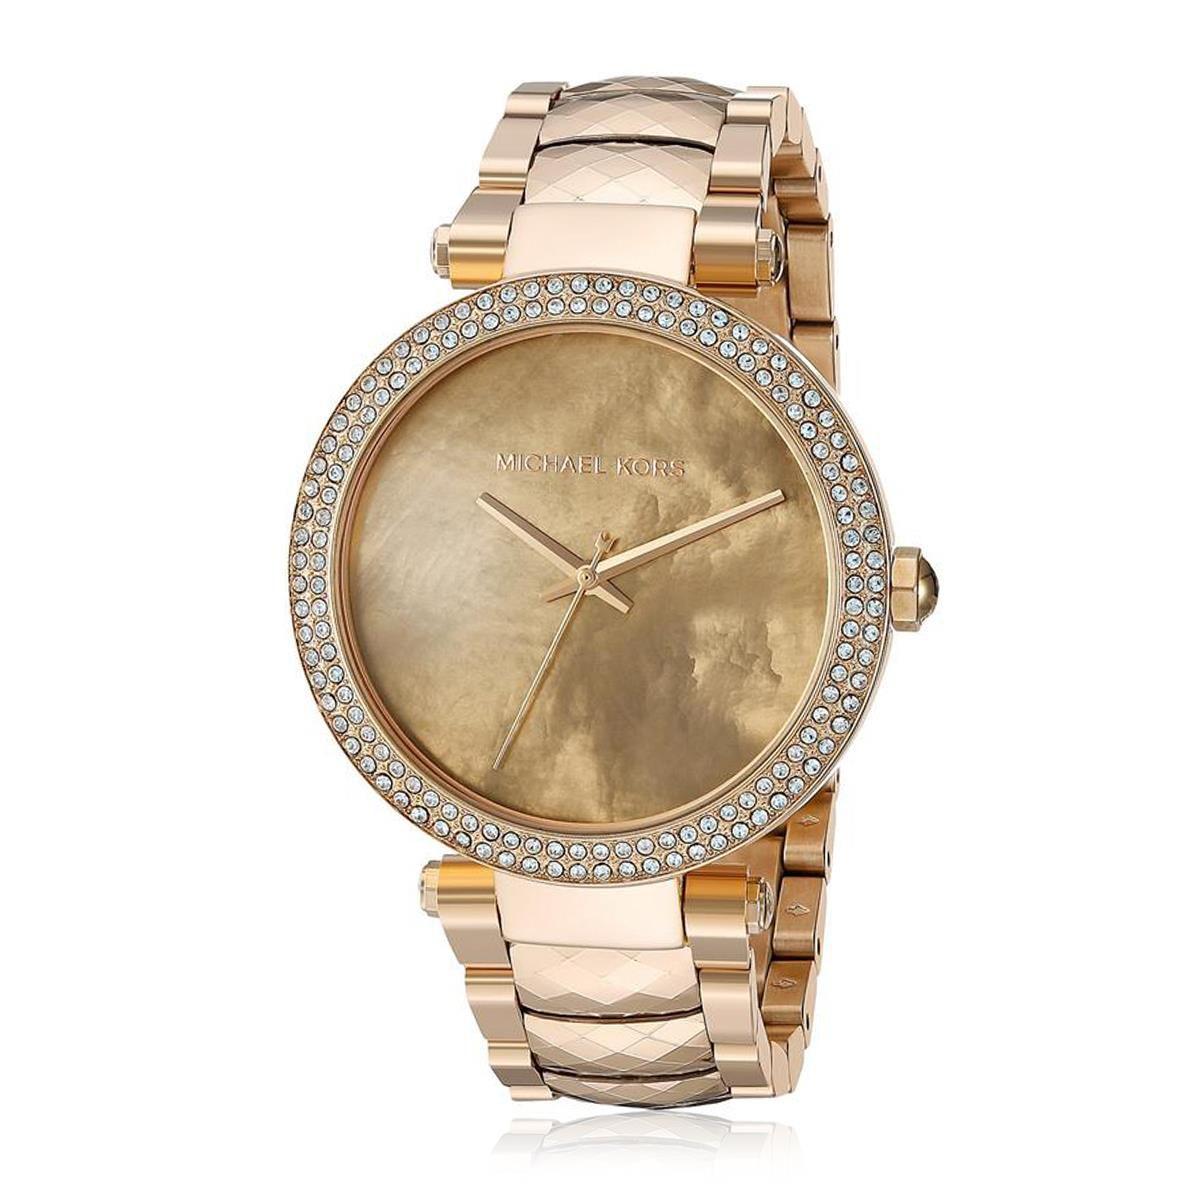 Relógio Feminino Michael Kors Analógico Dourado